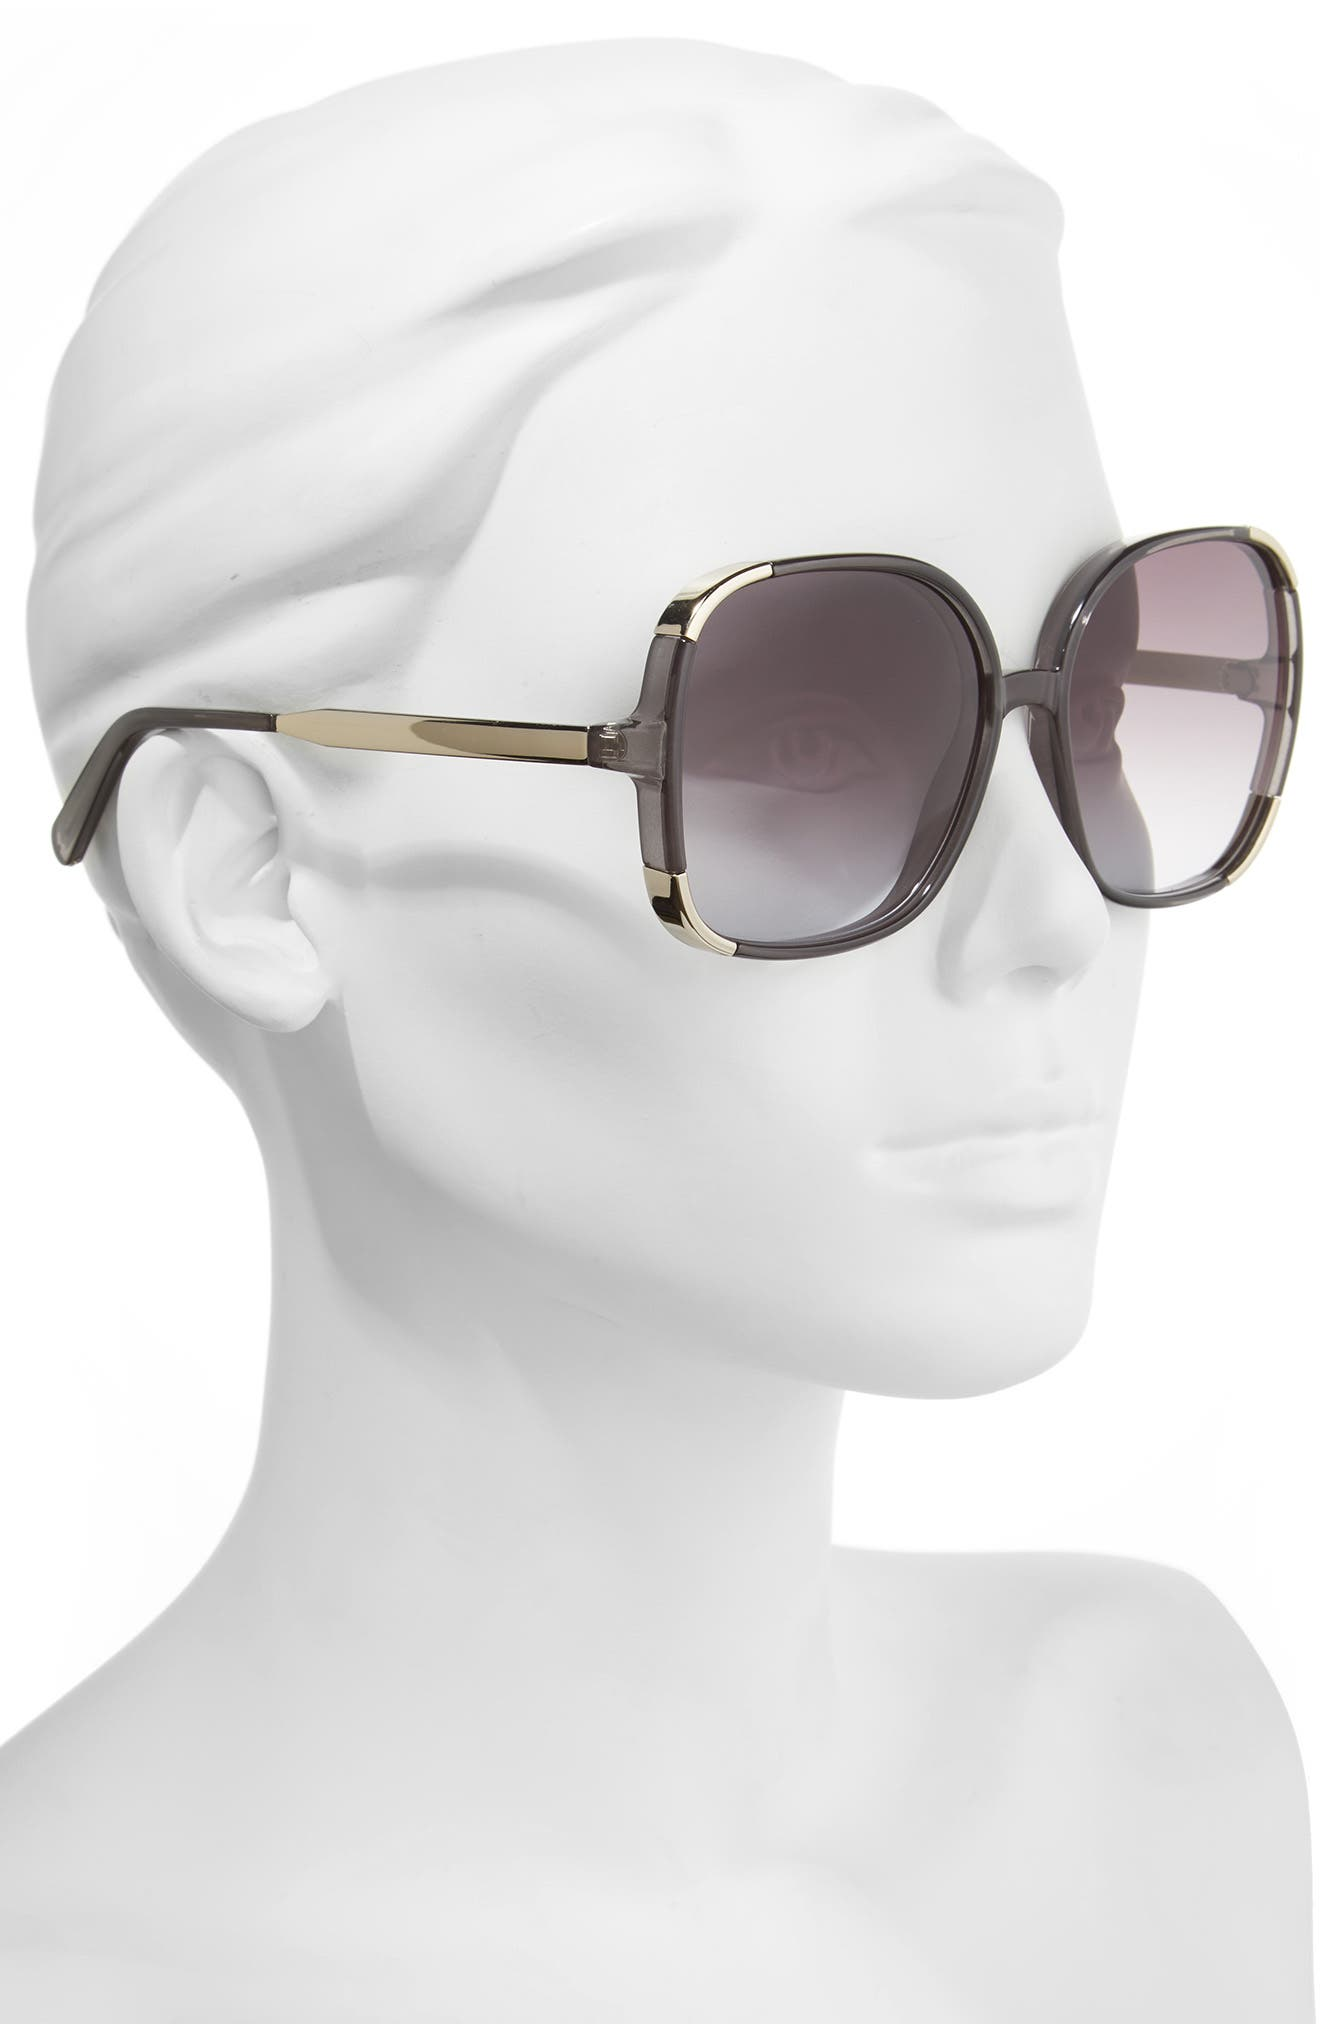 CHLOÉ, Myrte 61mm Gradient Lens Square Sunglasses, Alternate thumbnail 2, color, 020